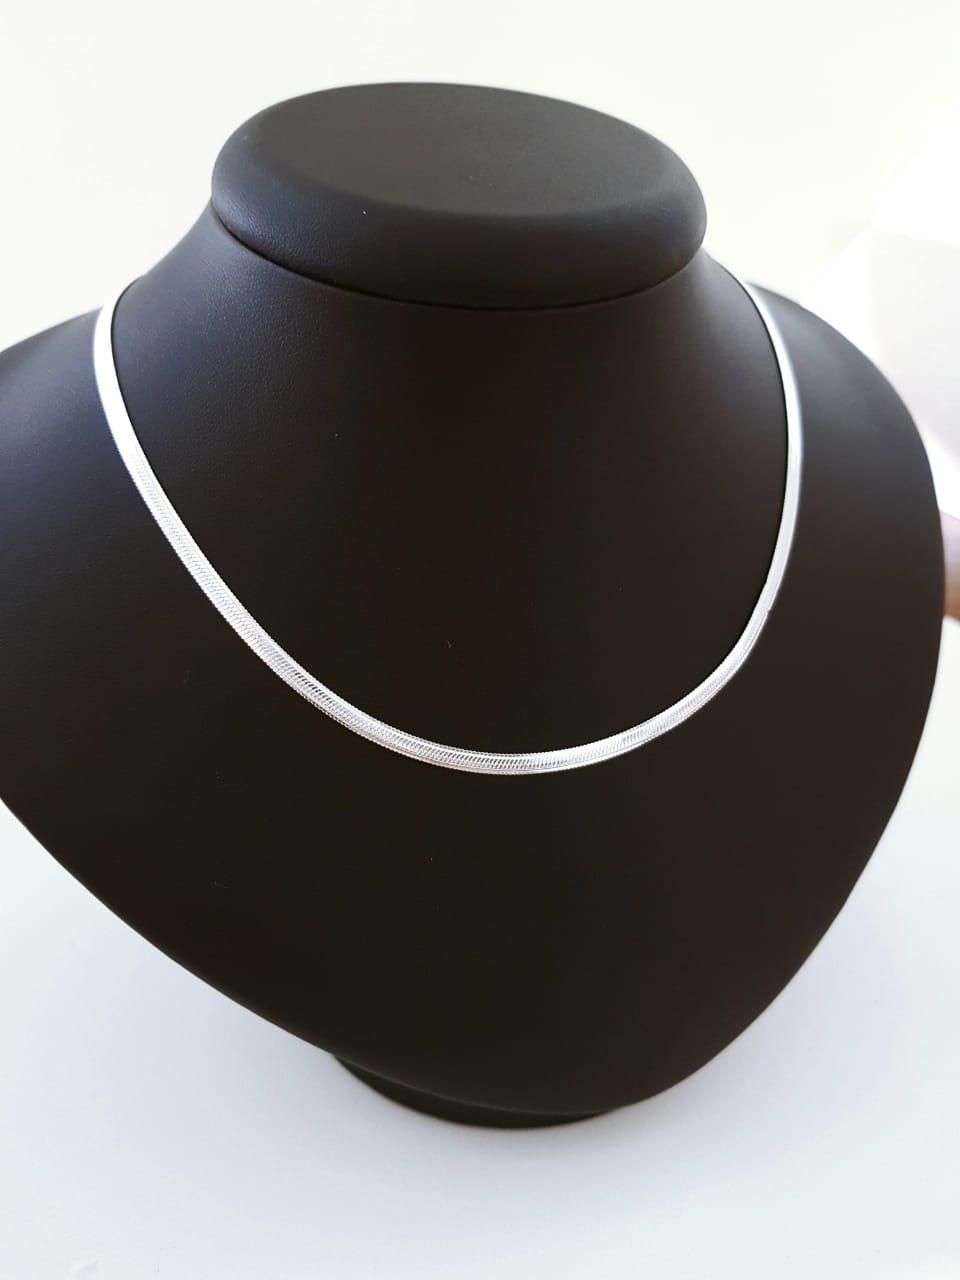 Gargantilha de Prata Laminada - 40 cm